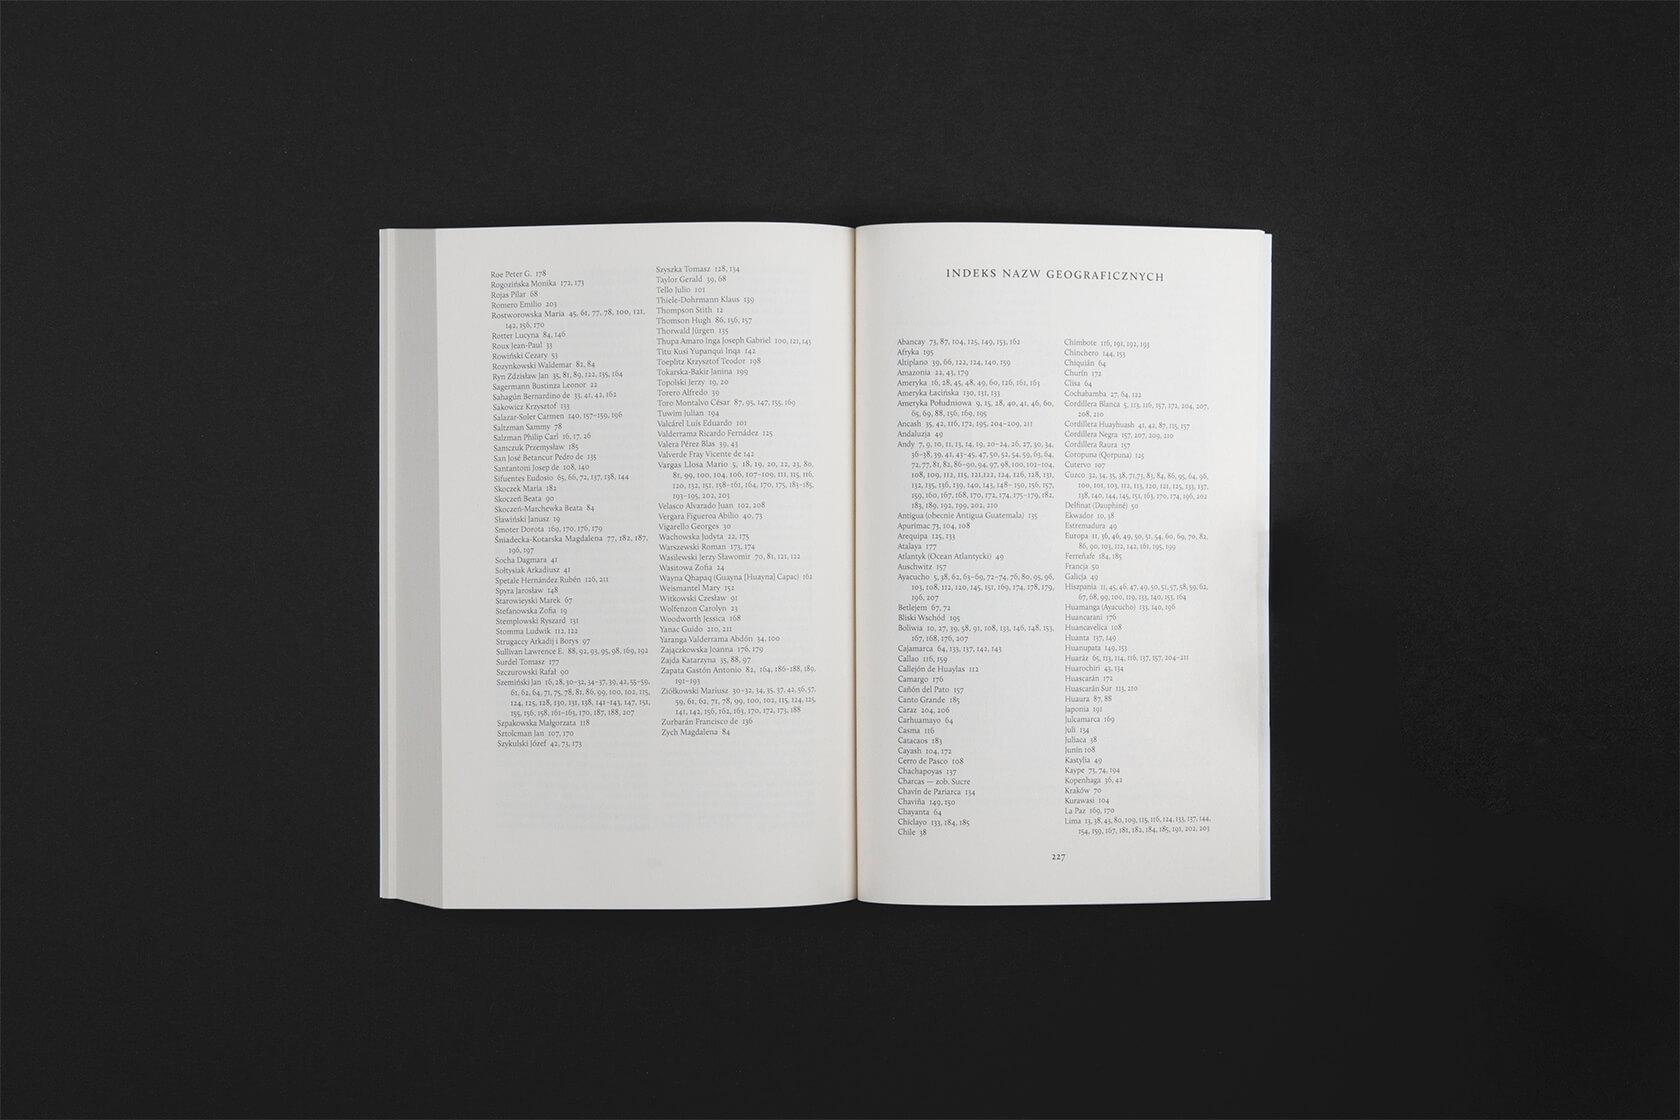 Pishtaco - projekt wnętrza książki